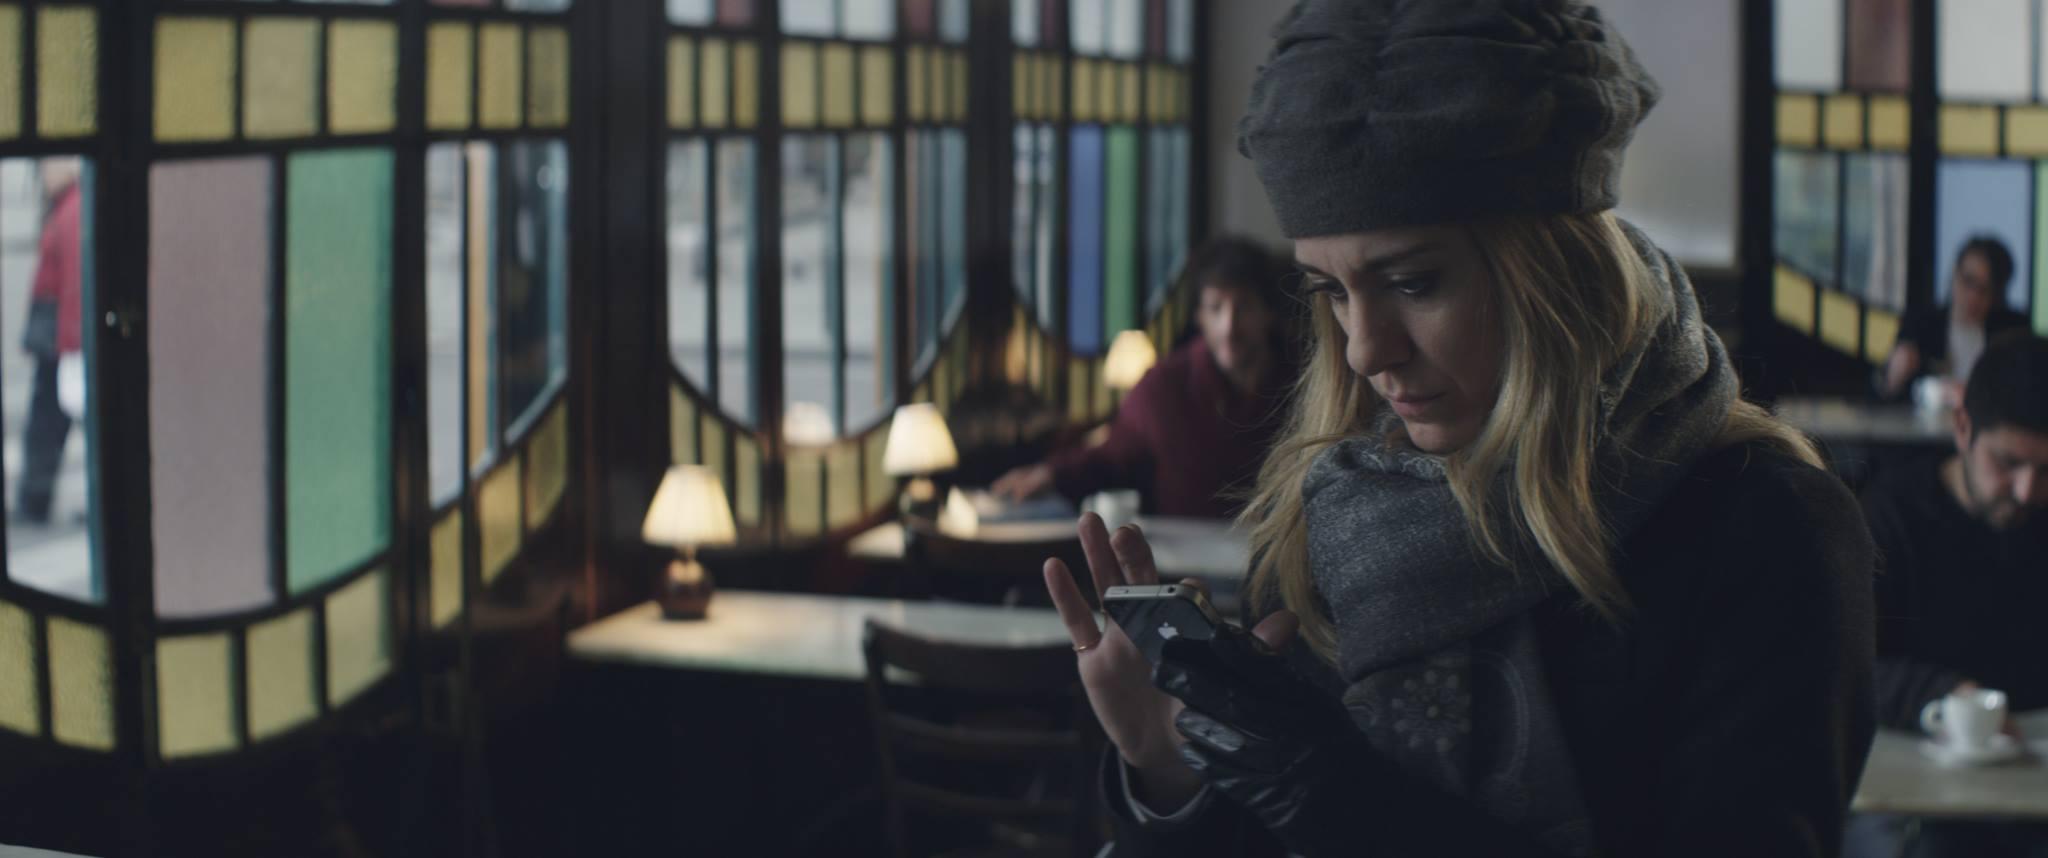 Patricia font caf para llevar cine adrede blog for Cafe para llevar